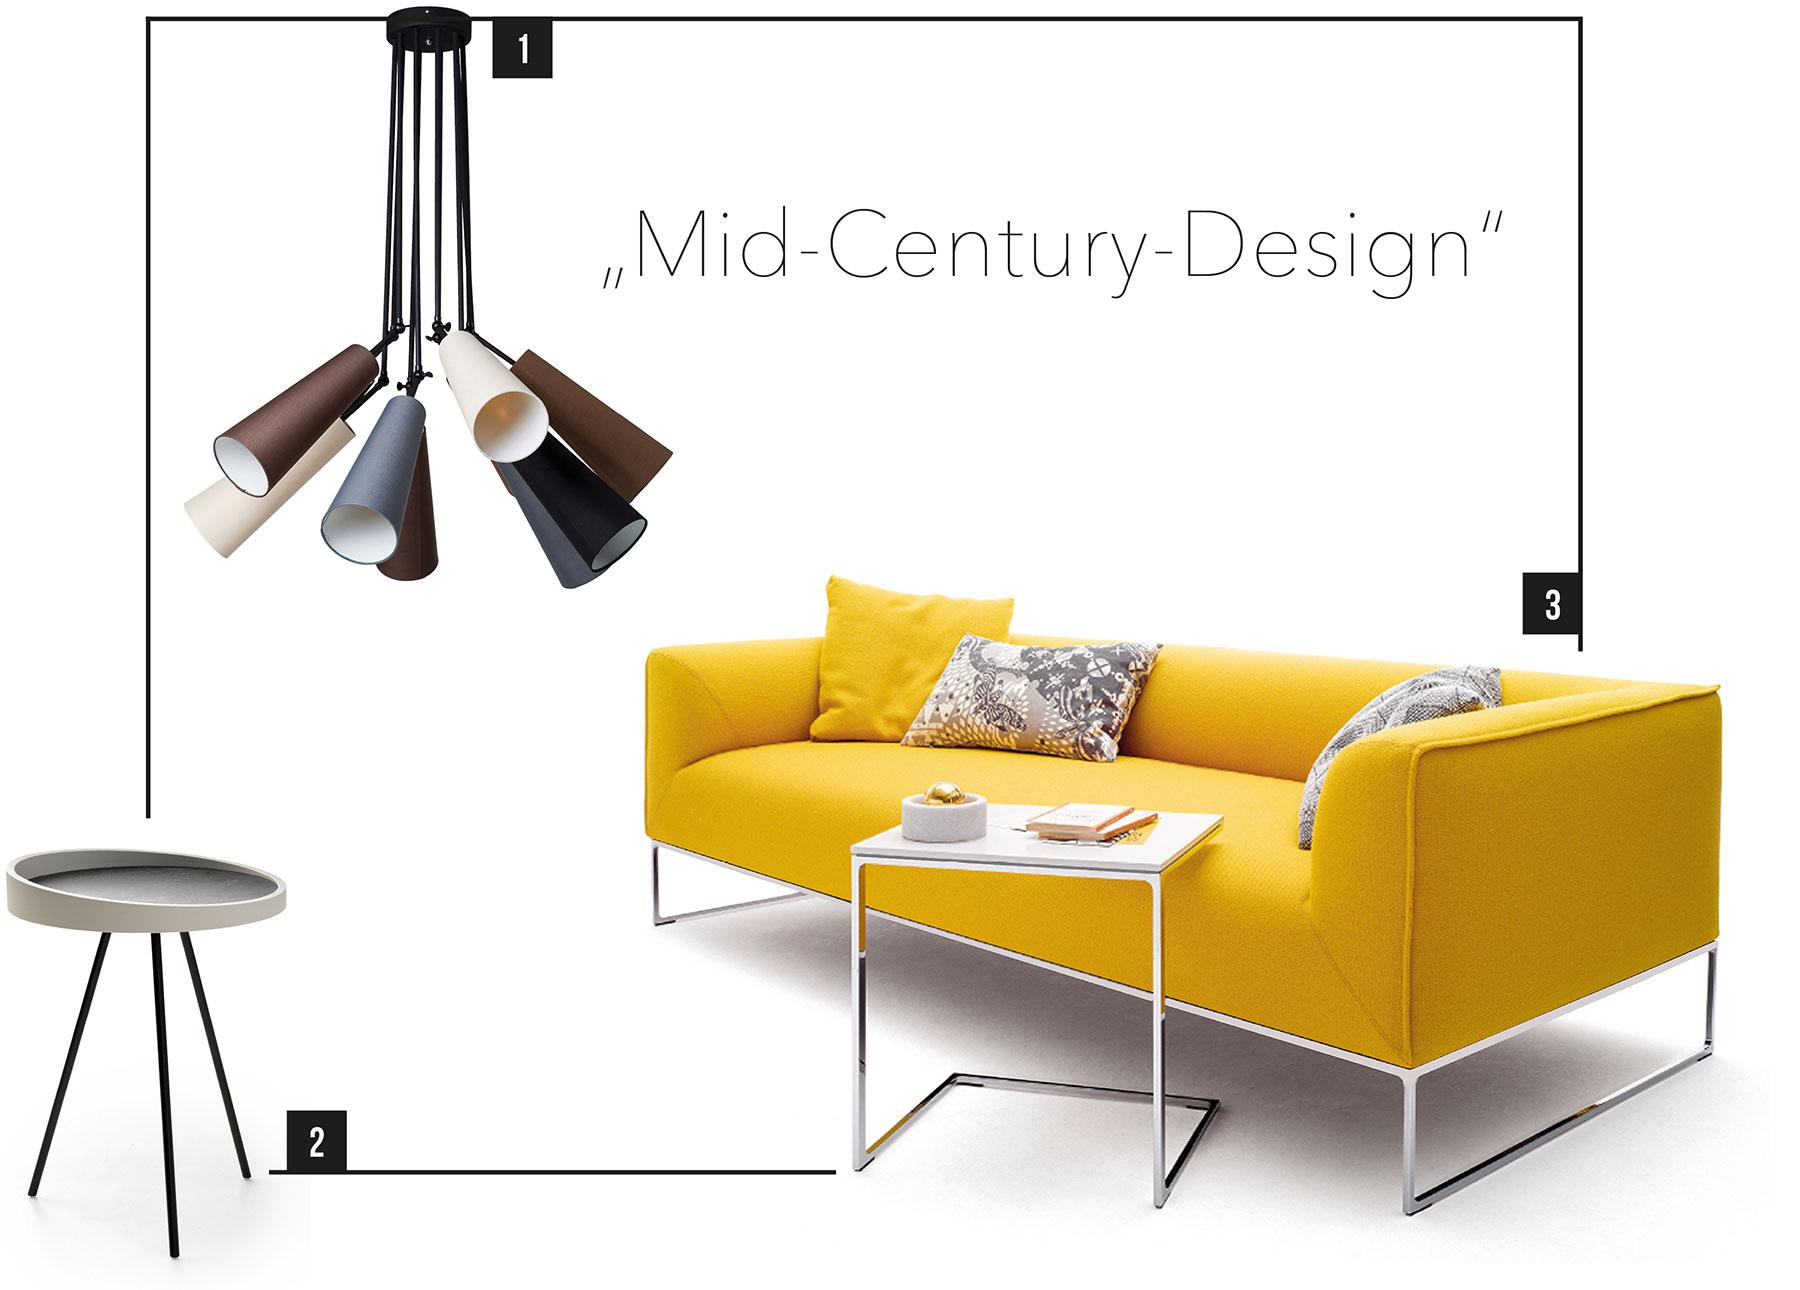 mid-century-design